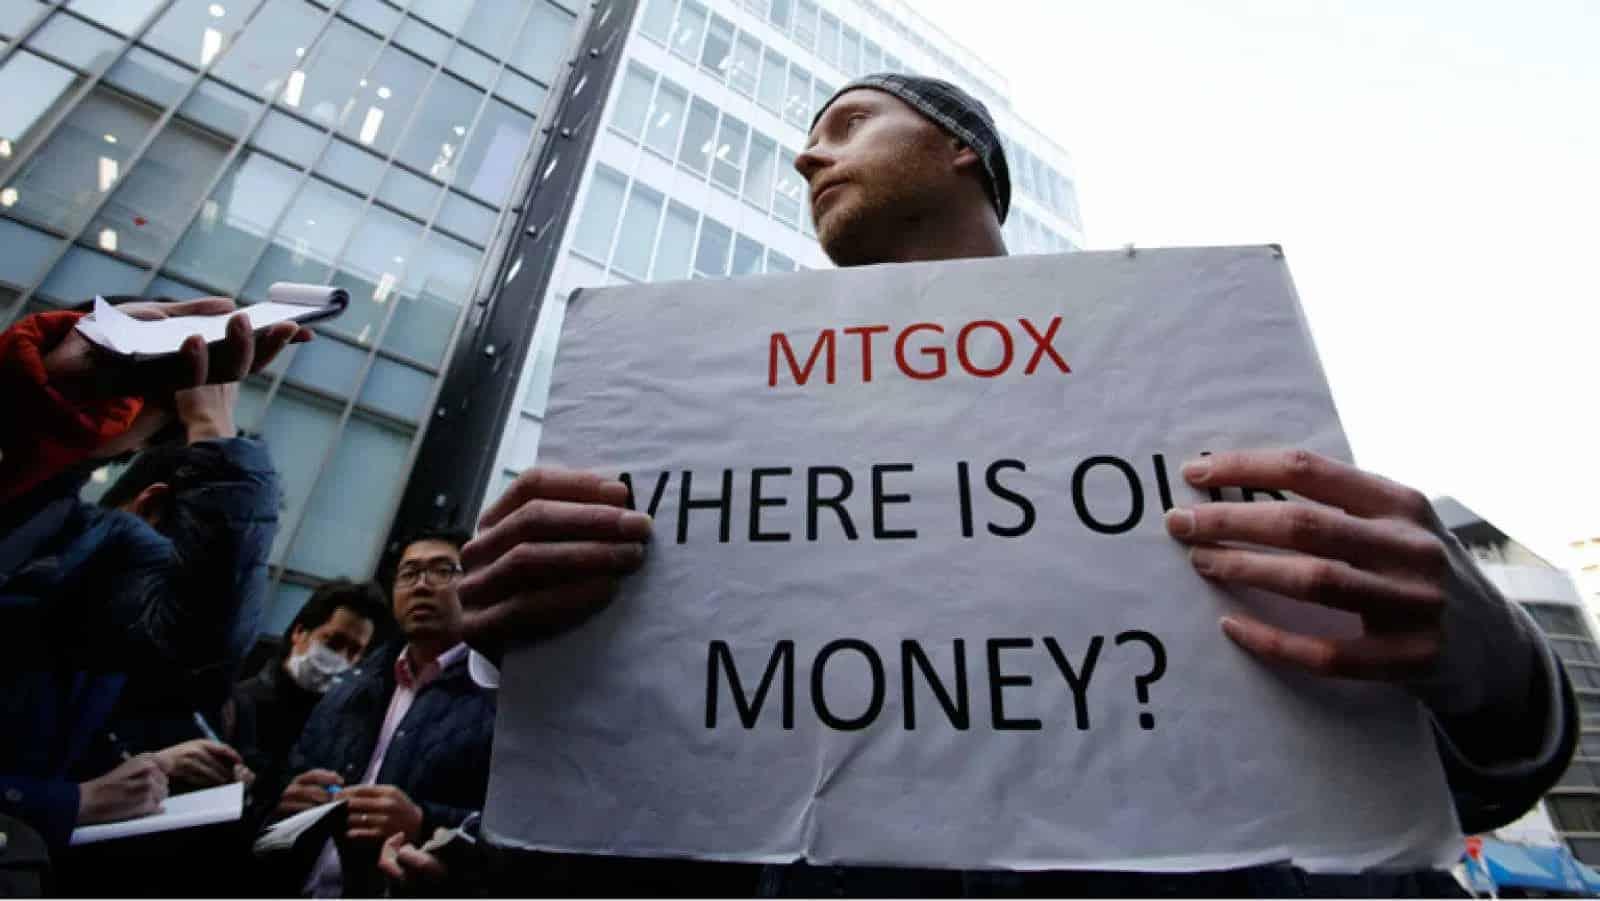 Mt Gox y su estafa llevo a muchas personas a protestar para recuperar su dinero